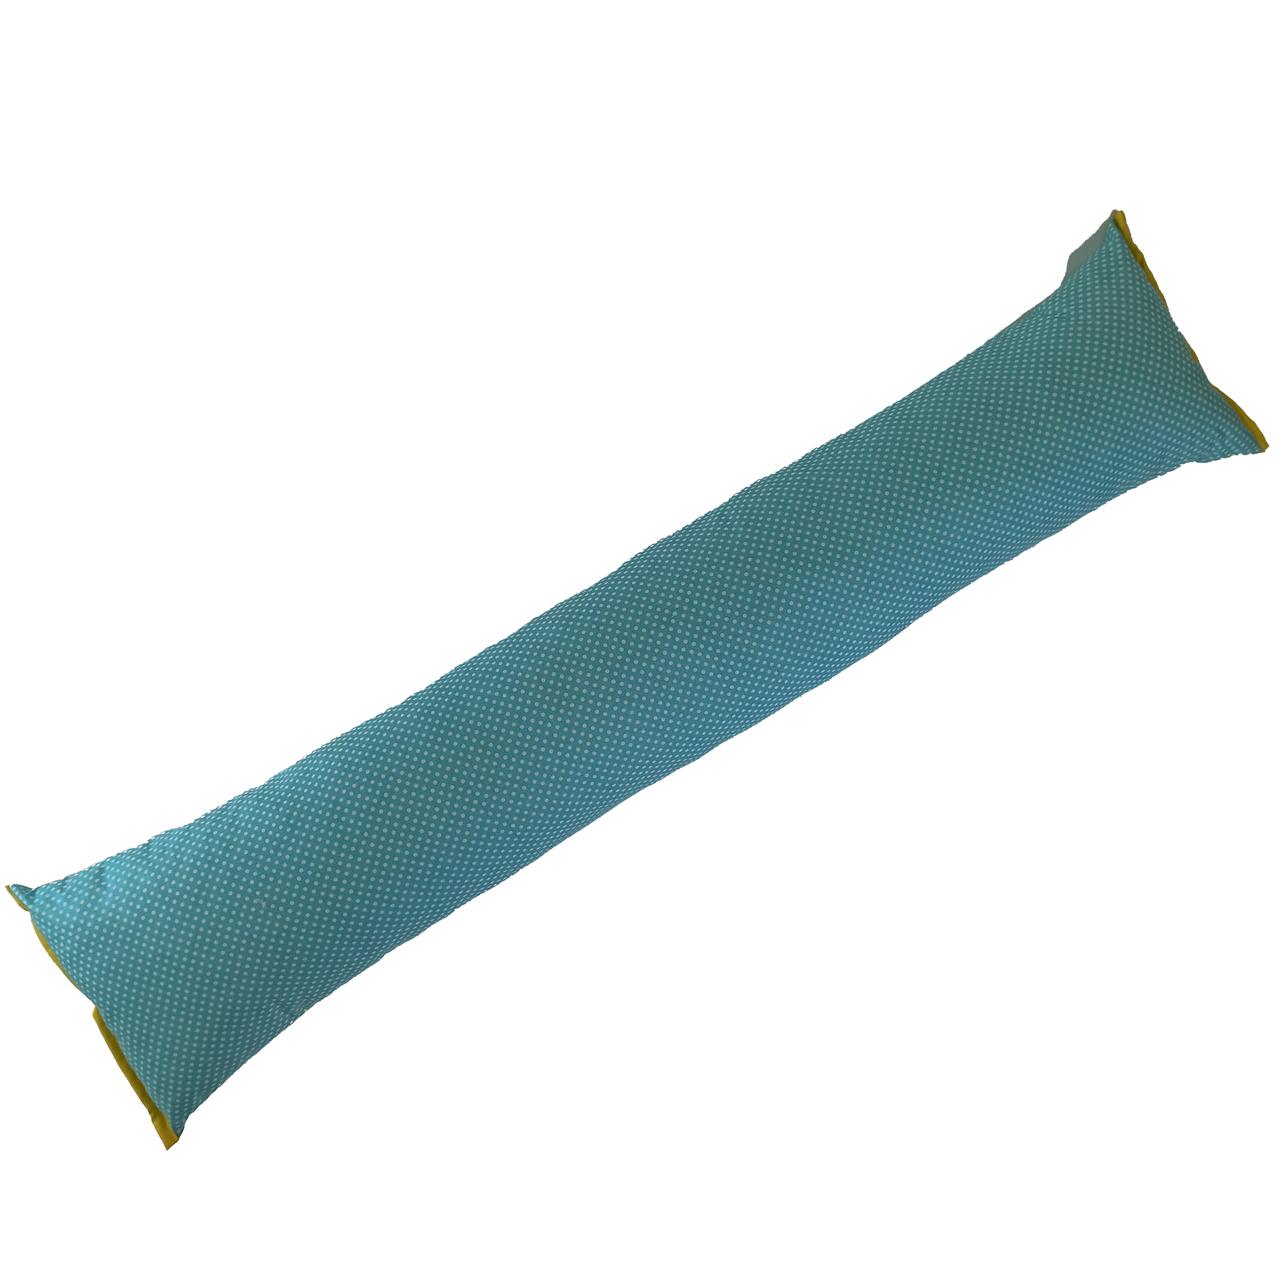 Подушка/обнимашка от сквозняков 90*15 см, (хлопок) (горох на бирюзовом)